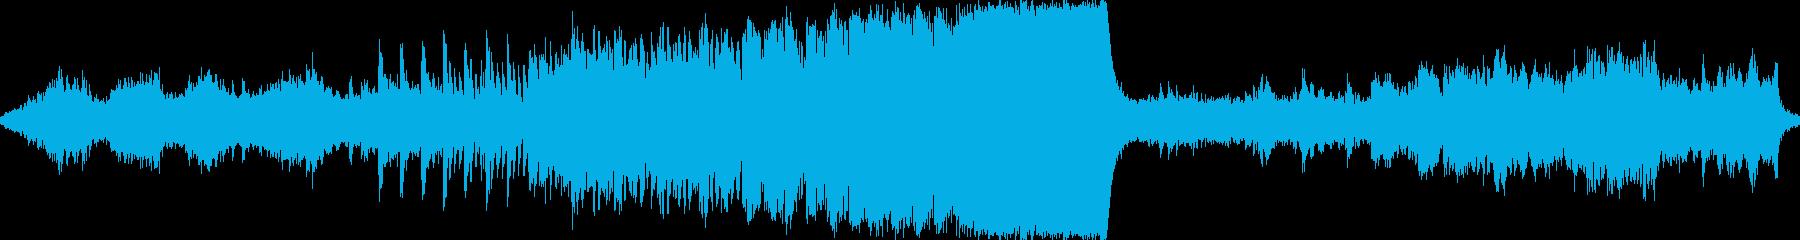 不思議で力強い幻想的な曲の再生済みの波形